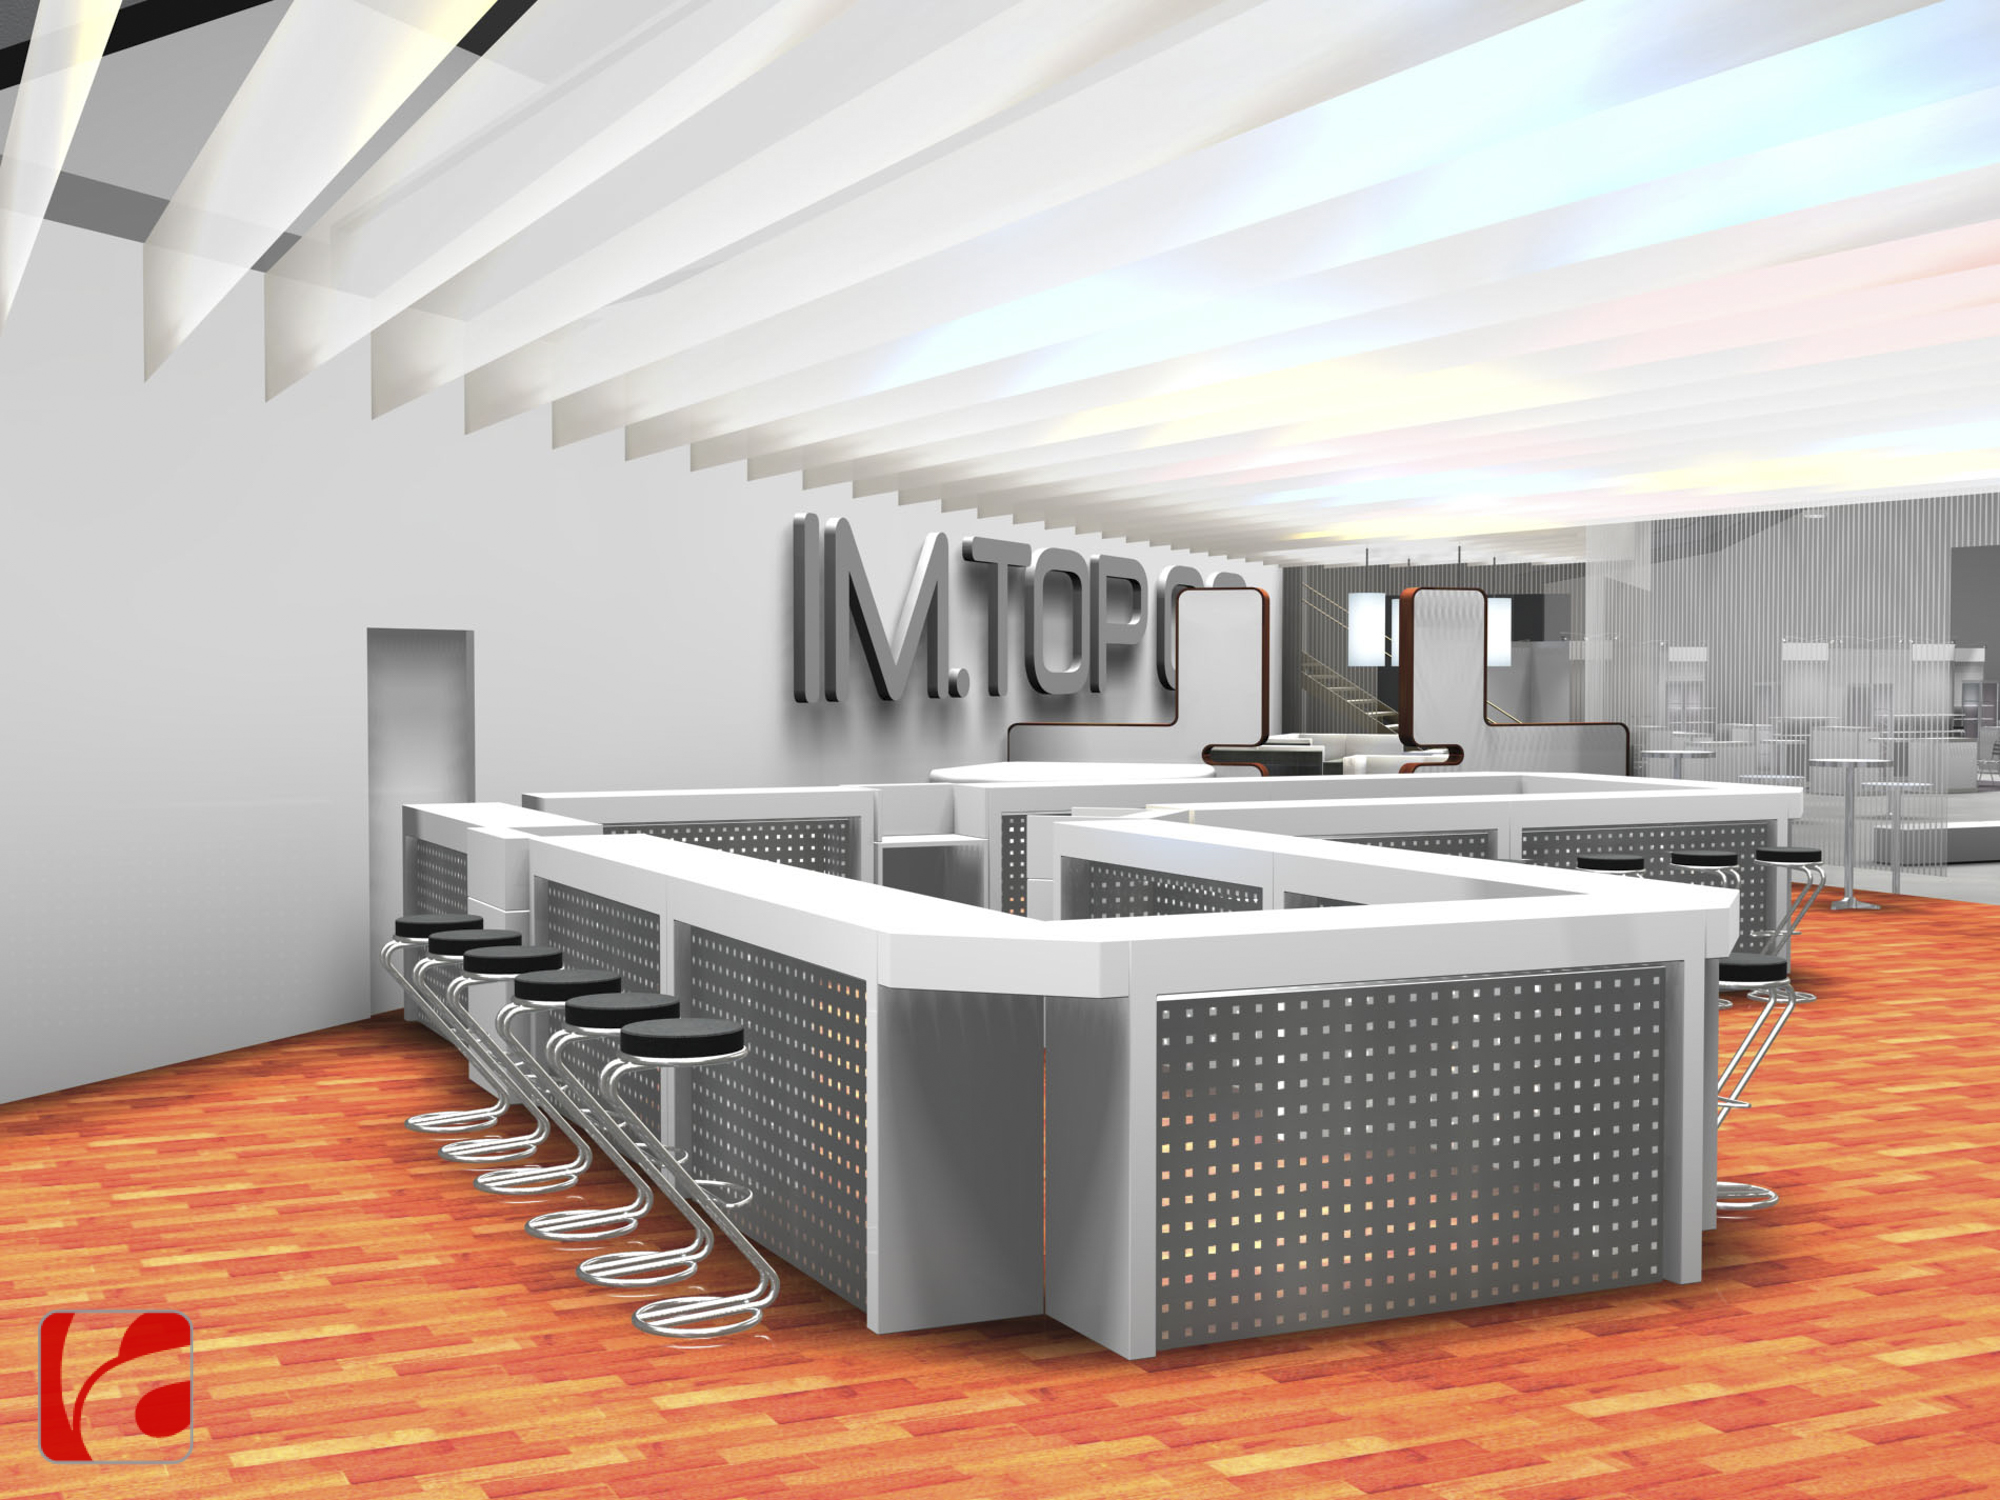 Lounge-Decke mit Stoff- oder Papierbahnen, farbig von oben beleuchtet